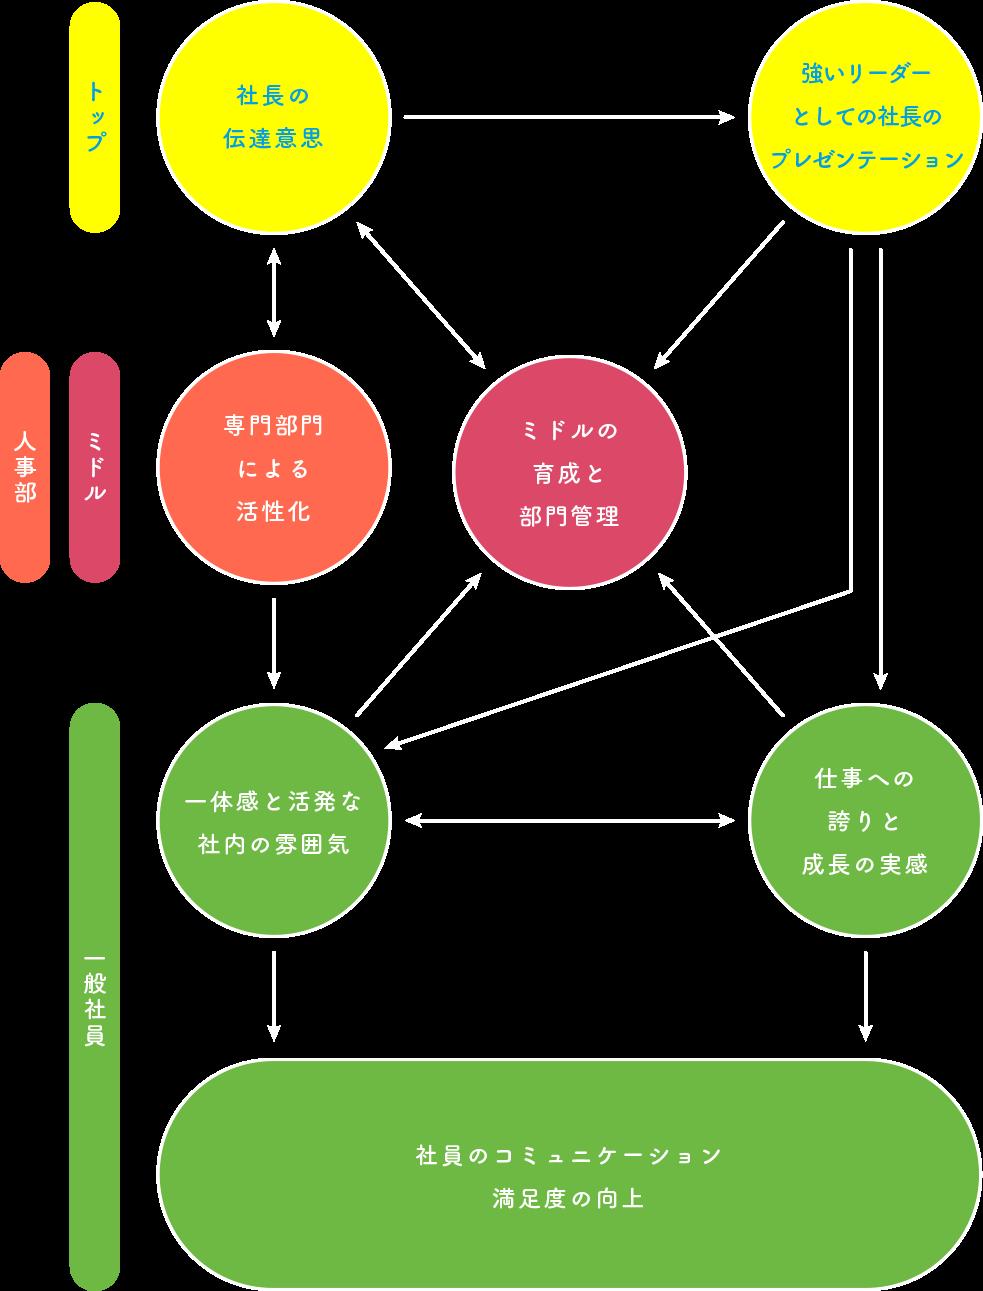 社内コミュニケーションプロセスマップ